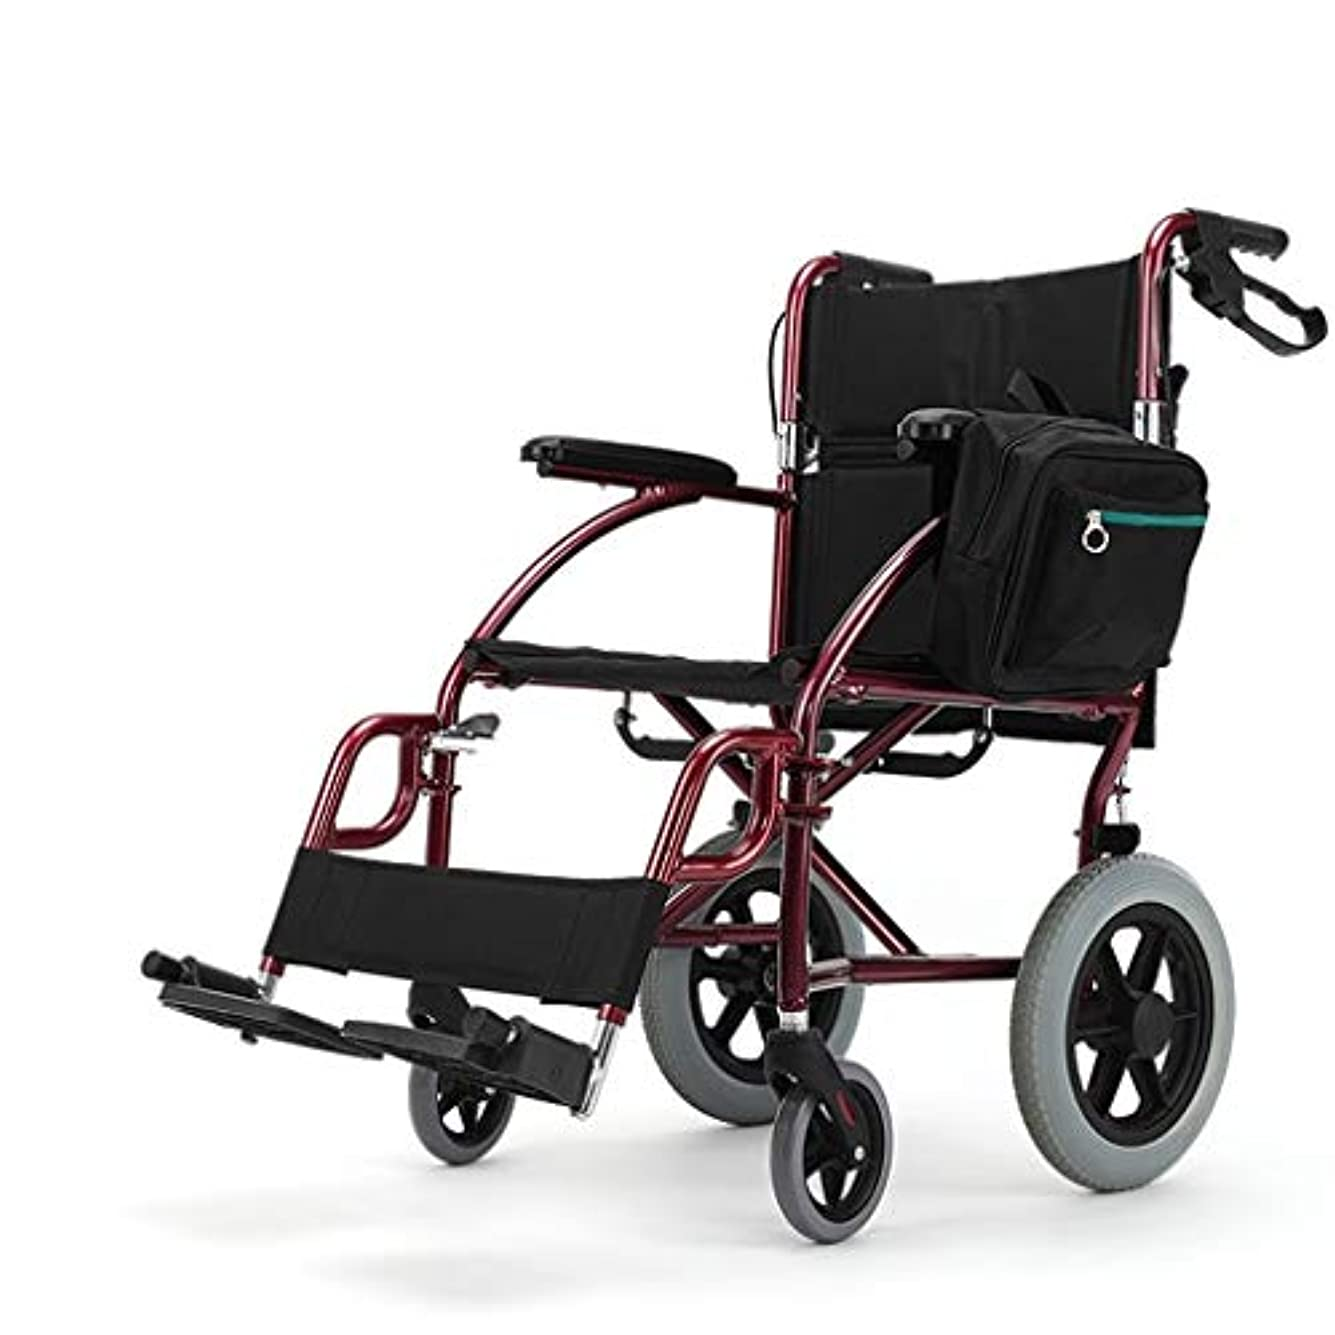 悲しむ注入加速する屋外旅行のための手動車椅子、折り畳み式のアルミ折りたたみ車椅子取り外し可能なペダル、障害者のための車椅子